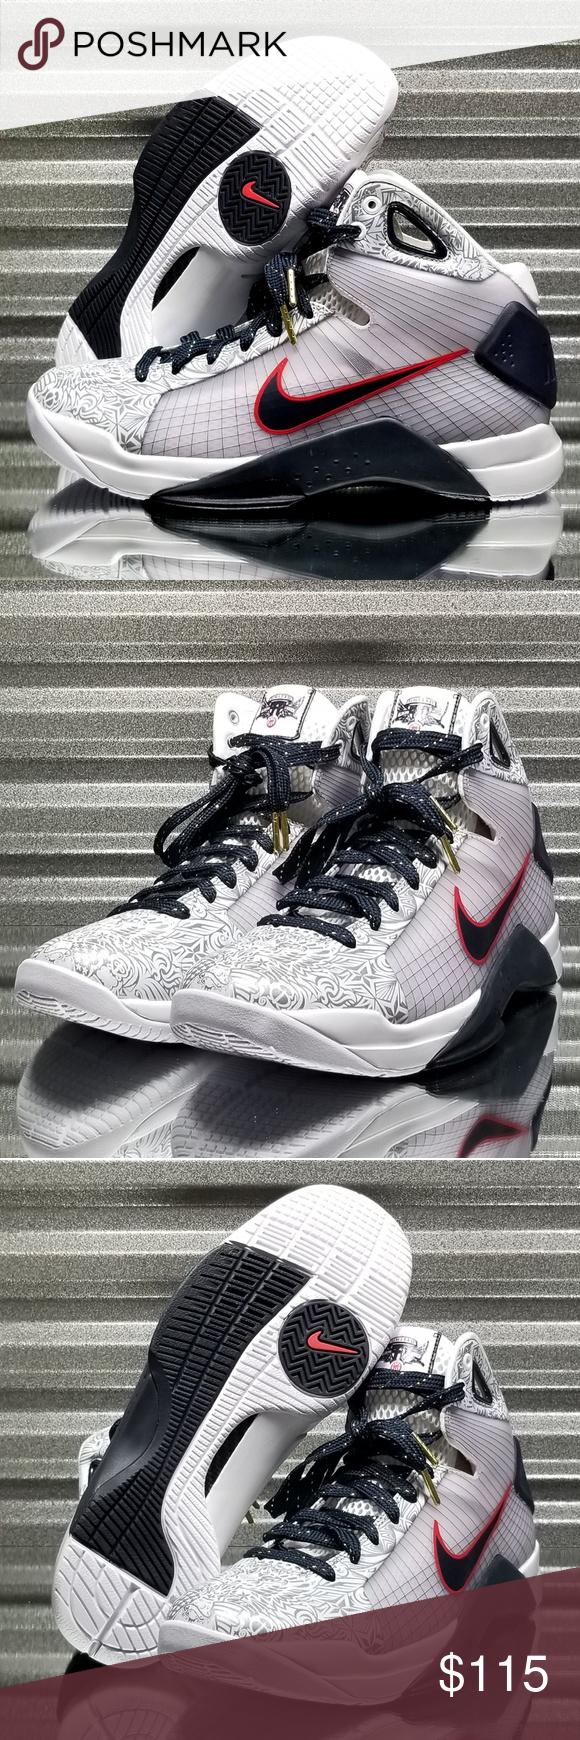 7be08cacf934 Nike Hyperdunk OG Kobe